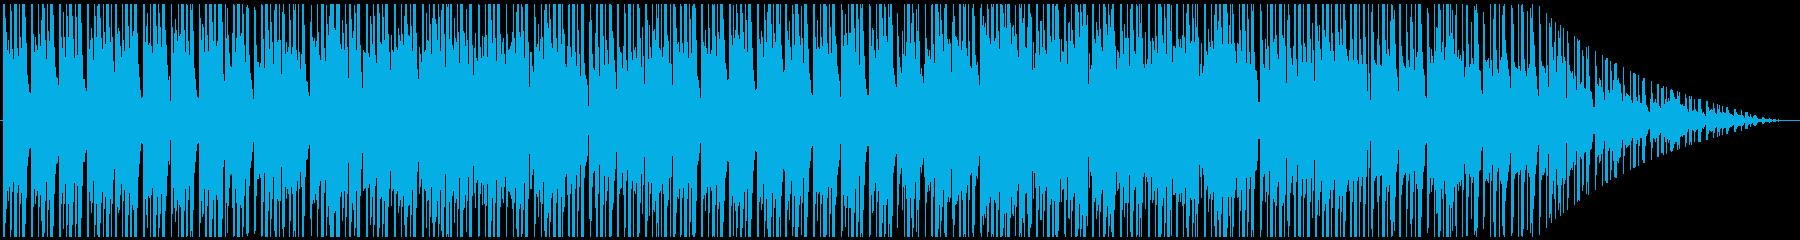 ファンク ドラマチック ピアノ 弦...の再生済みの波形